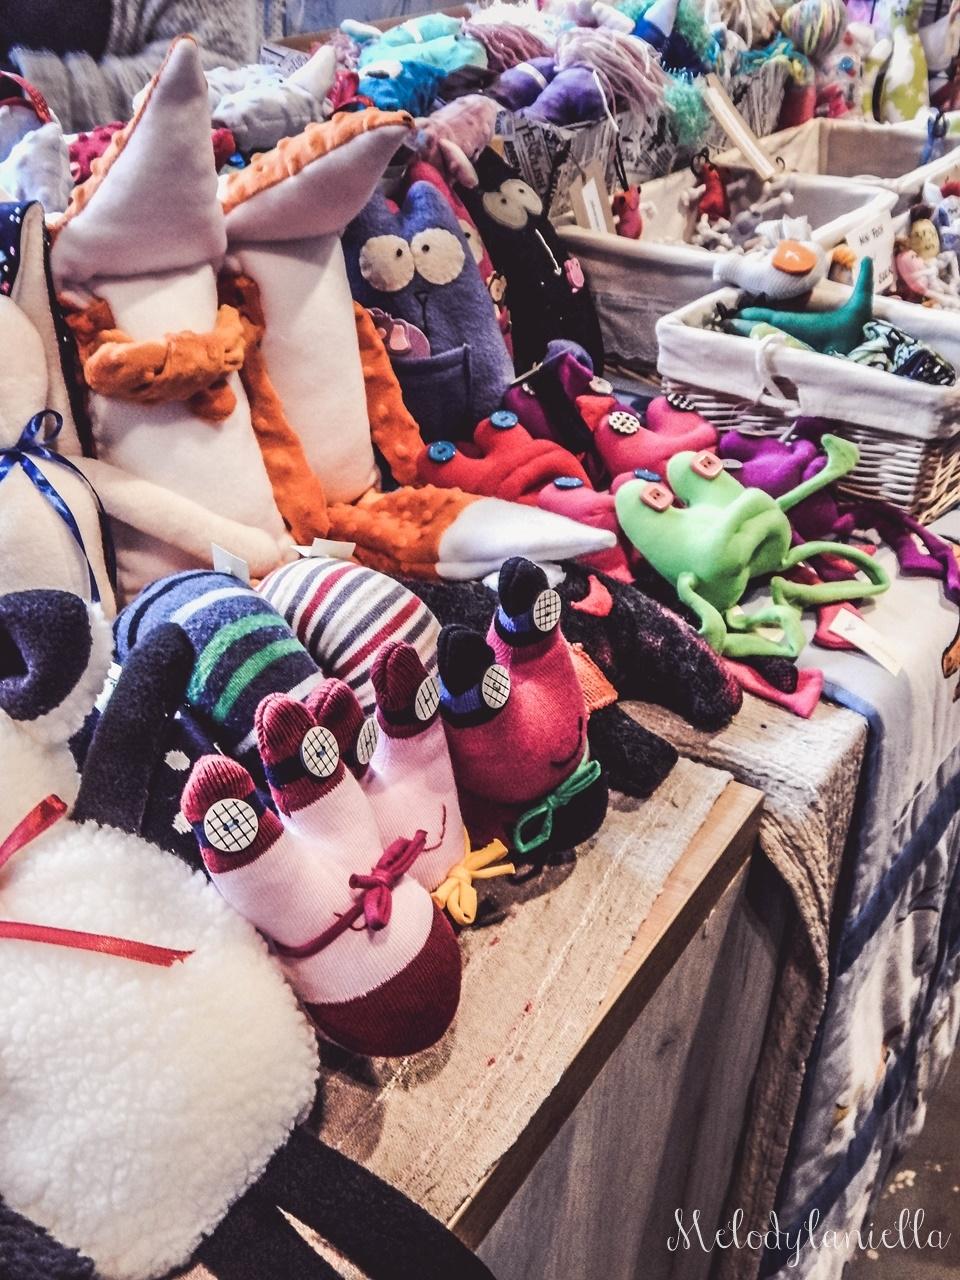 23 nietypowy jarmark świąteczny piotrkowska 217 co dzieje się w łodzi dwukropek ogrody zofii bożonarodzeniowy jarmark targ świąteczny świat z lukru pierniki świąteczne łódź biżuteria handmade piando zigner